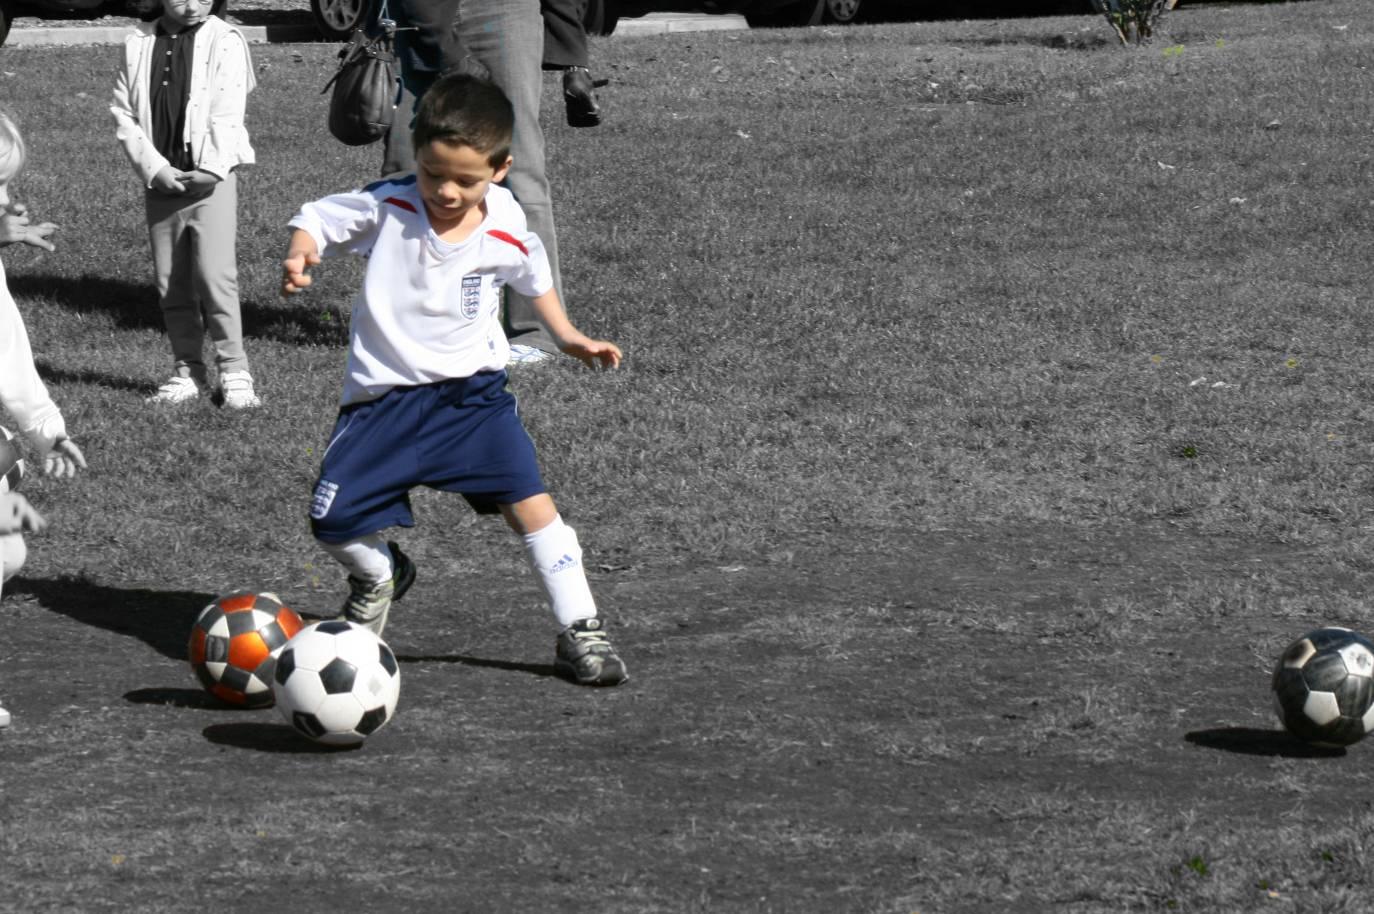 soccer bonggamom 3Po